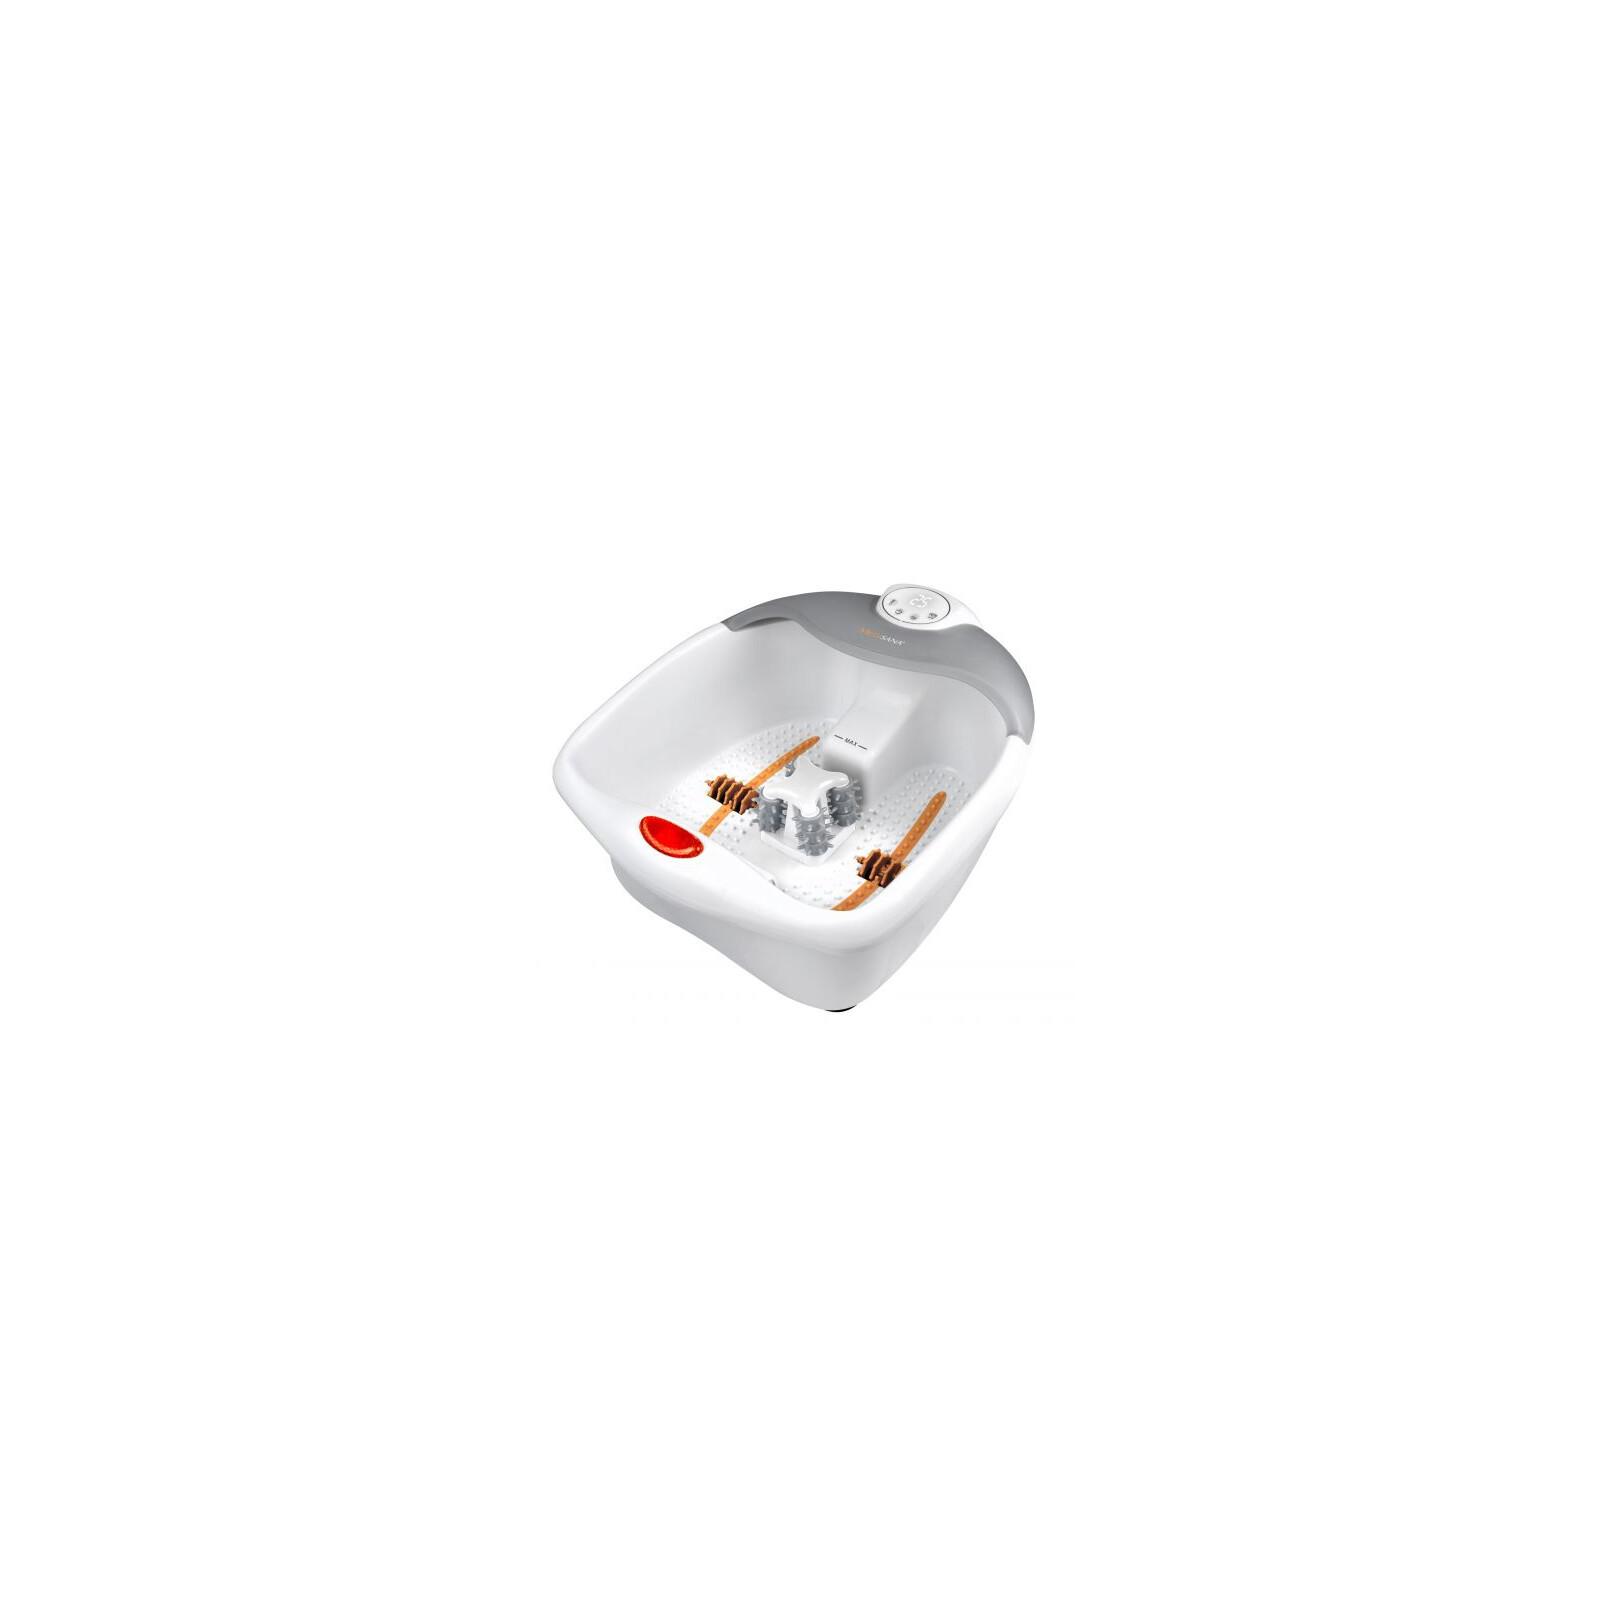 Medisana FS 885 KOMFORT für ansteigende Fußbäder